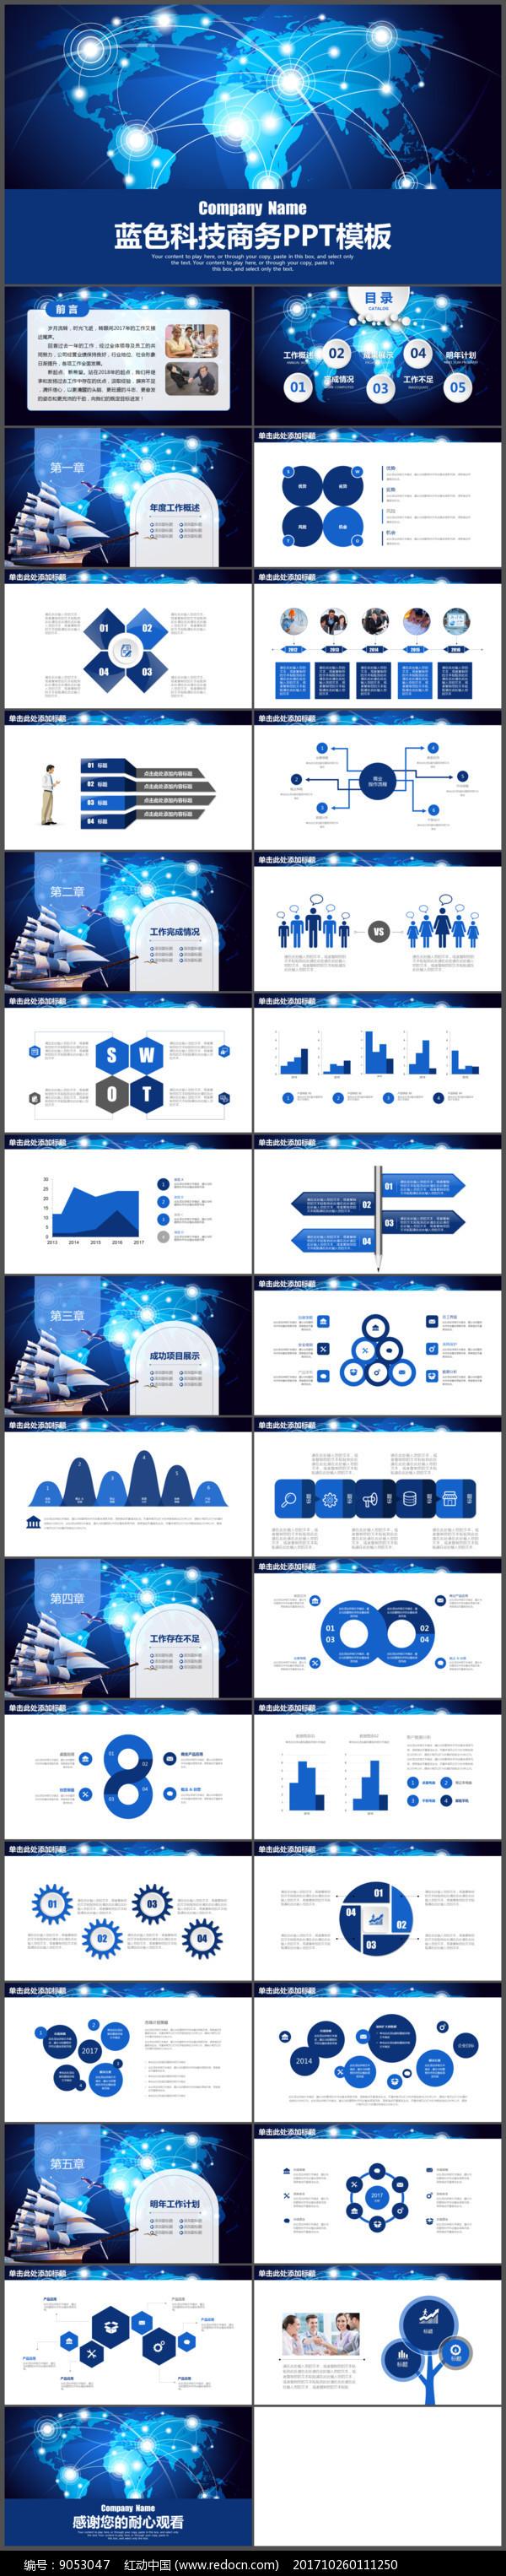 蓝色大气科技商务PPT模板图片